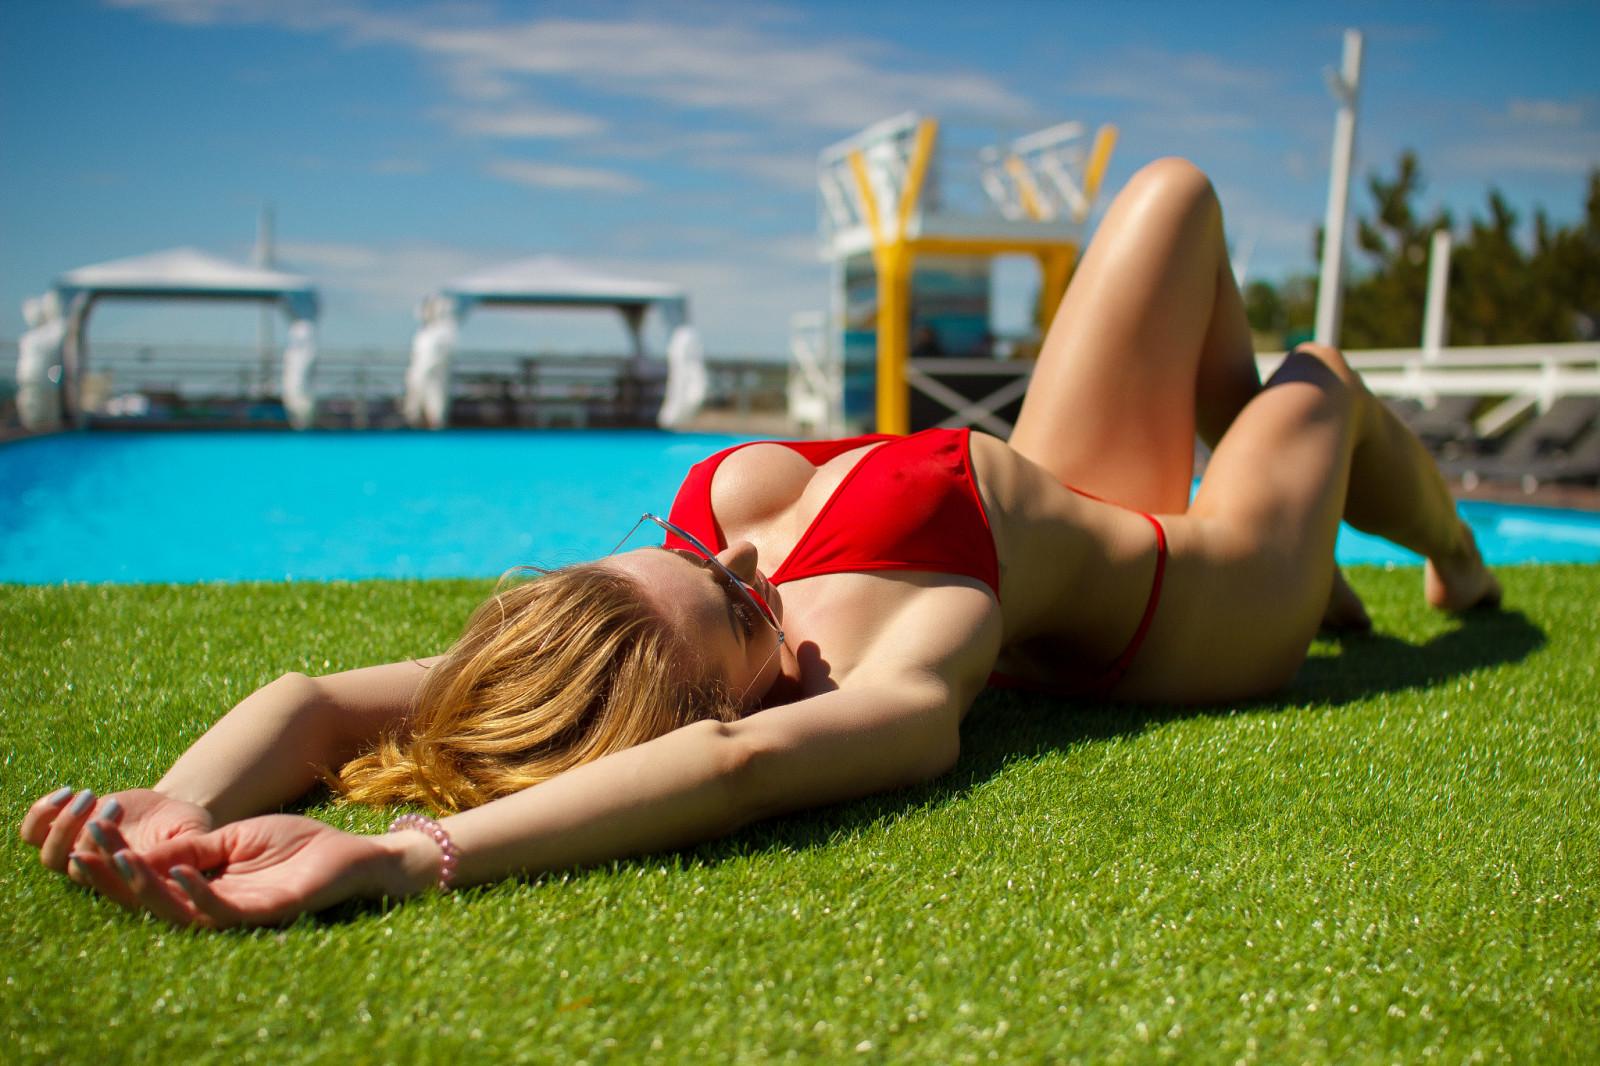 bikini-girls-playing-pool-native-american